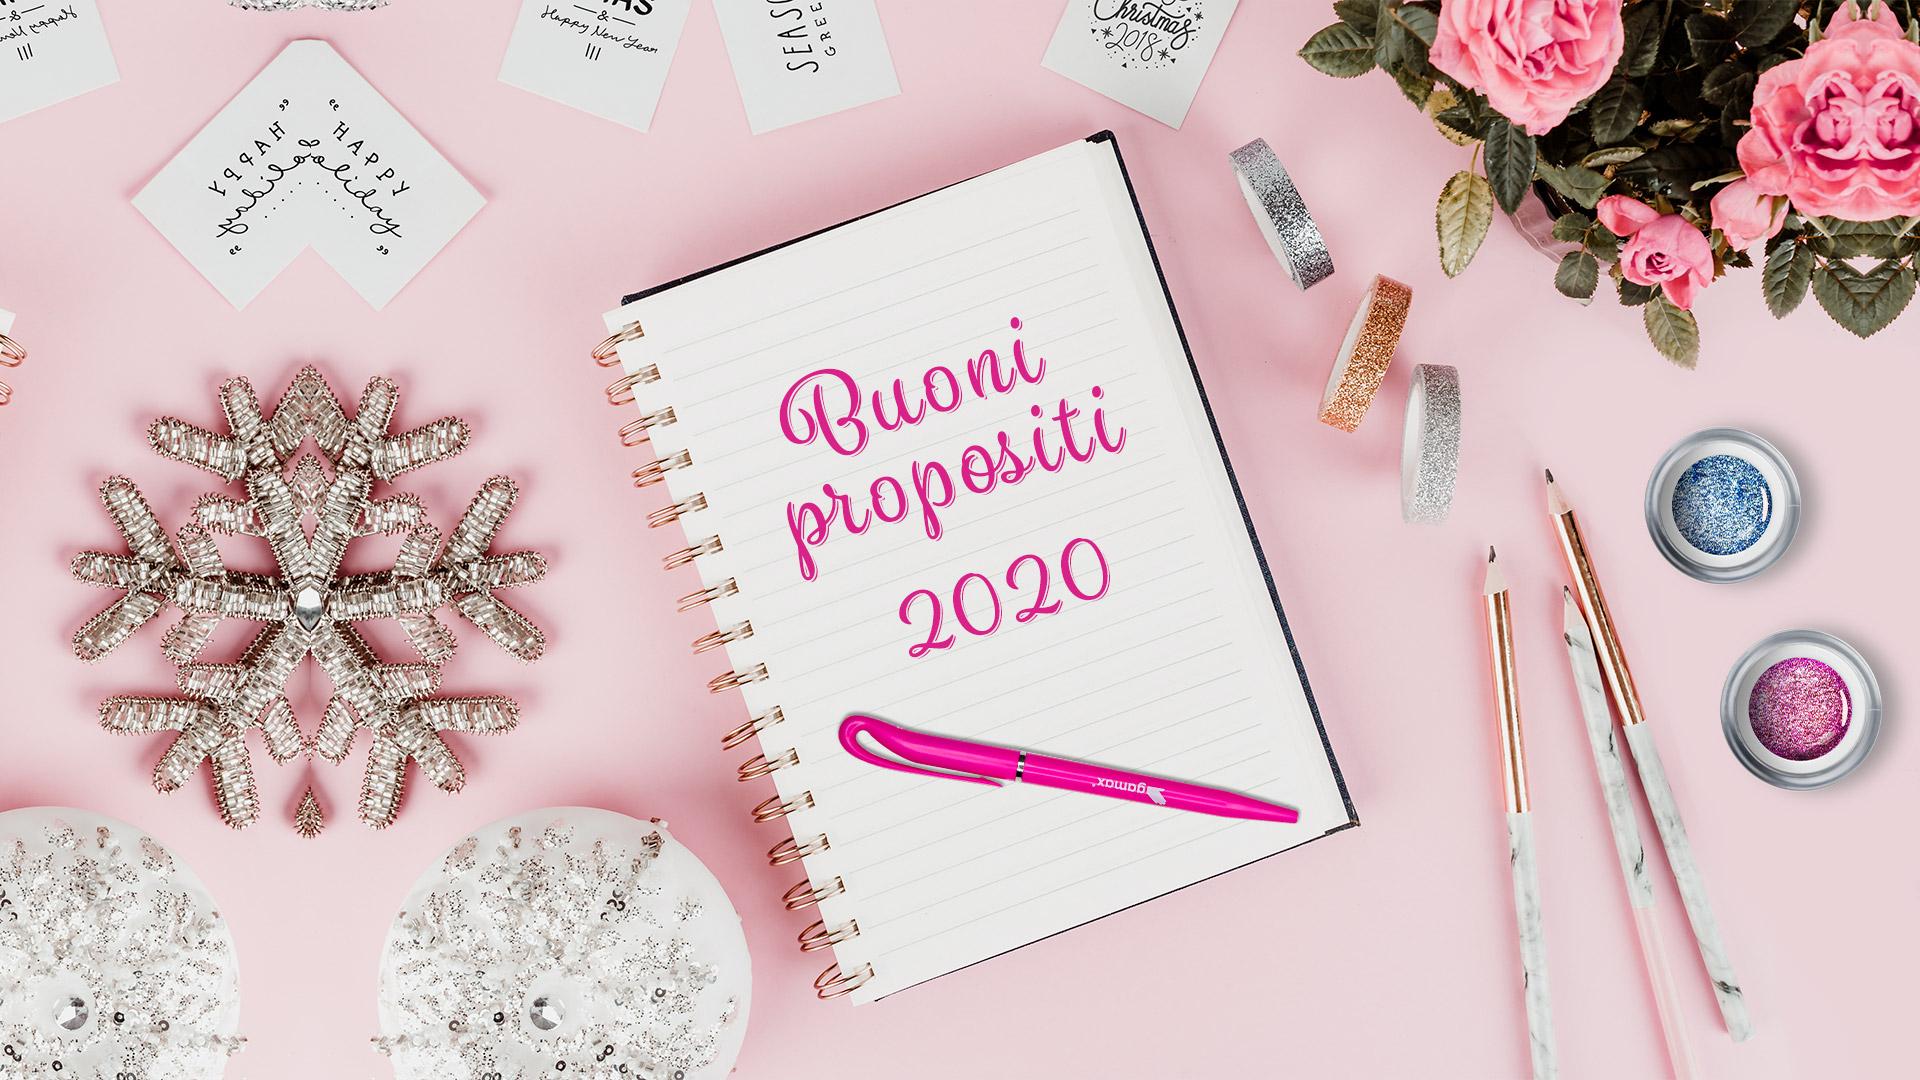 Obiettivi per il nuovo anno? Ecco qualche spunto!